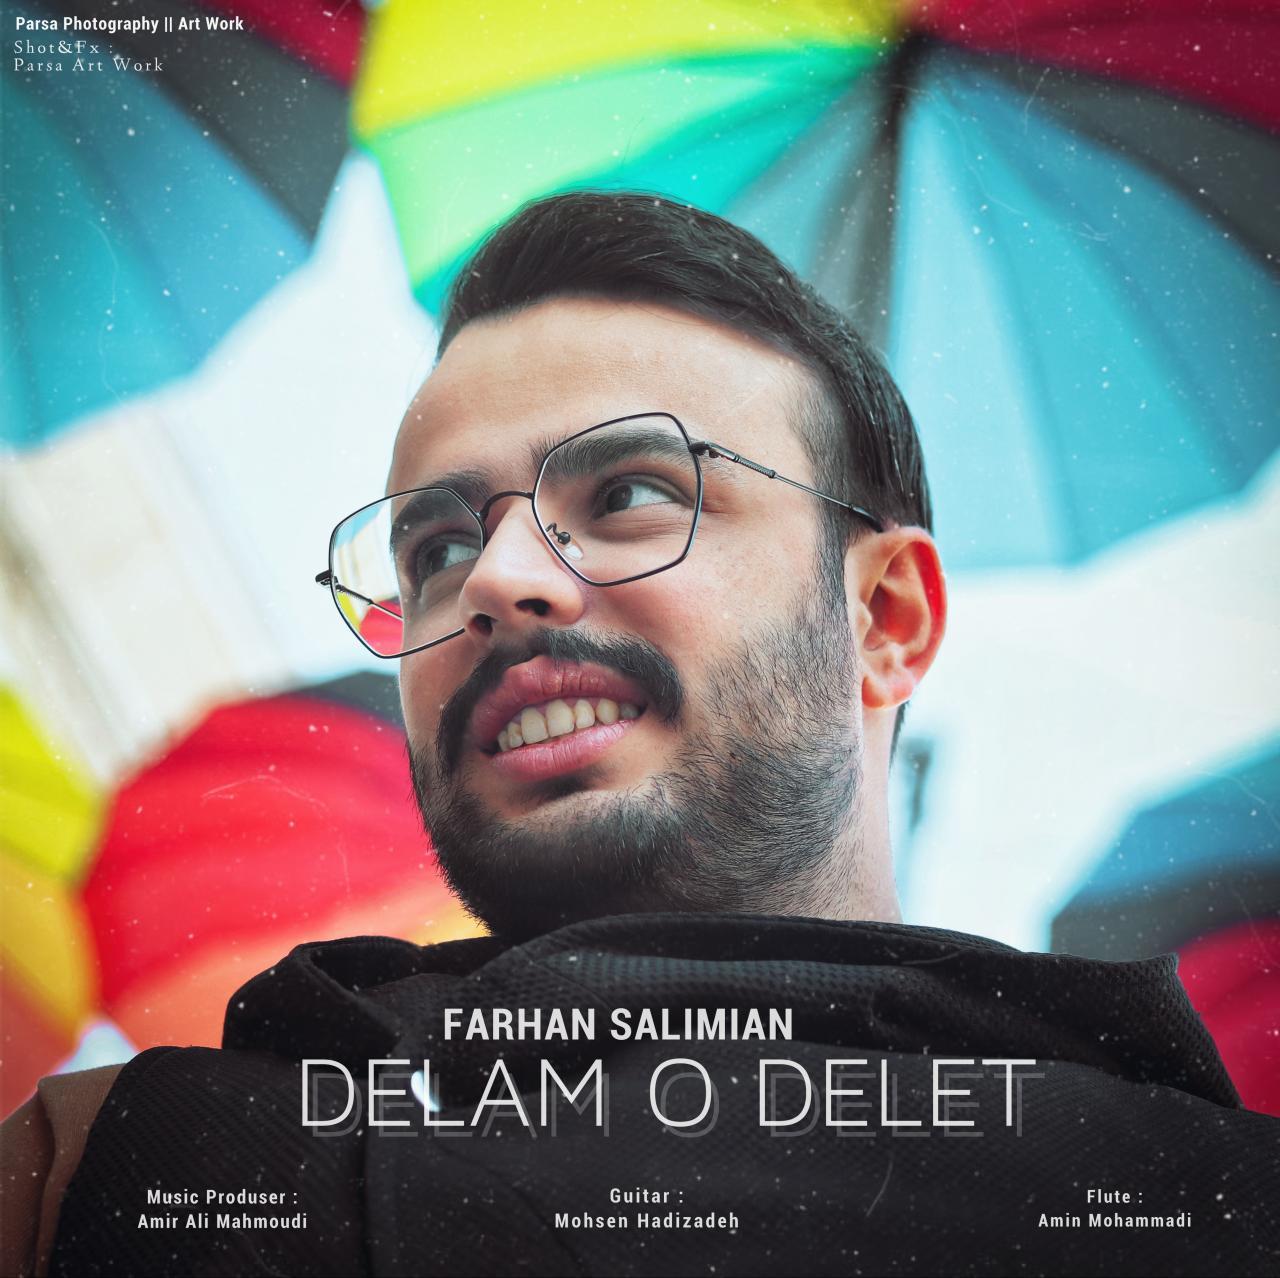 Farhan Salimian – Delam o Delet